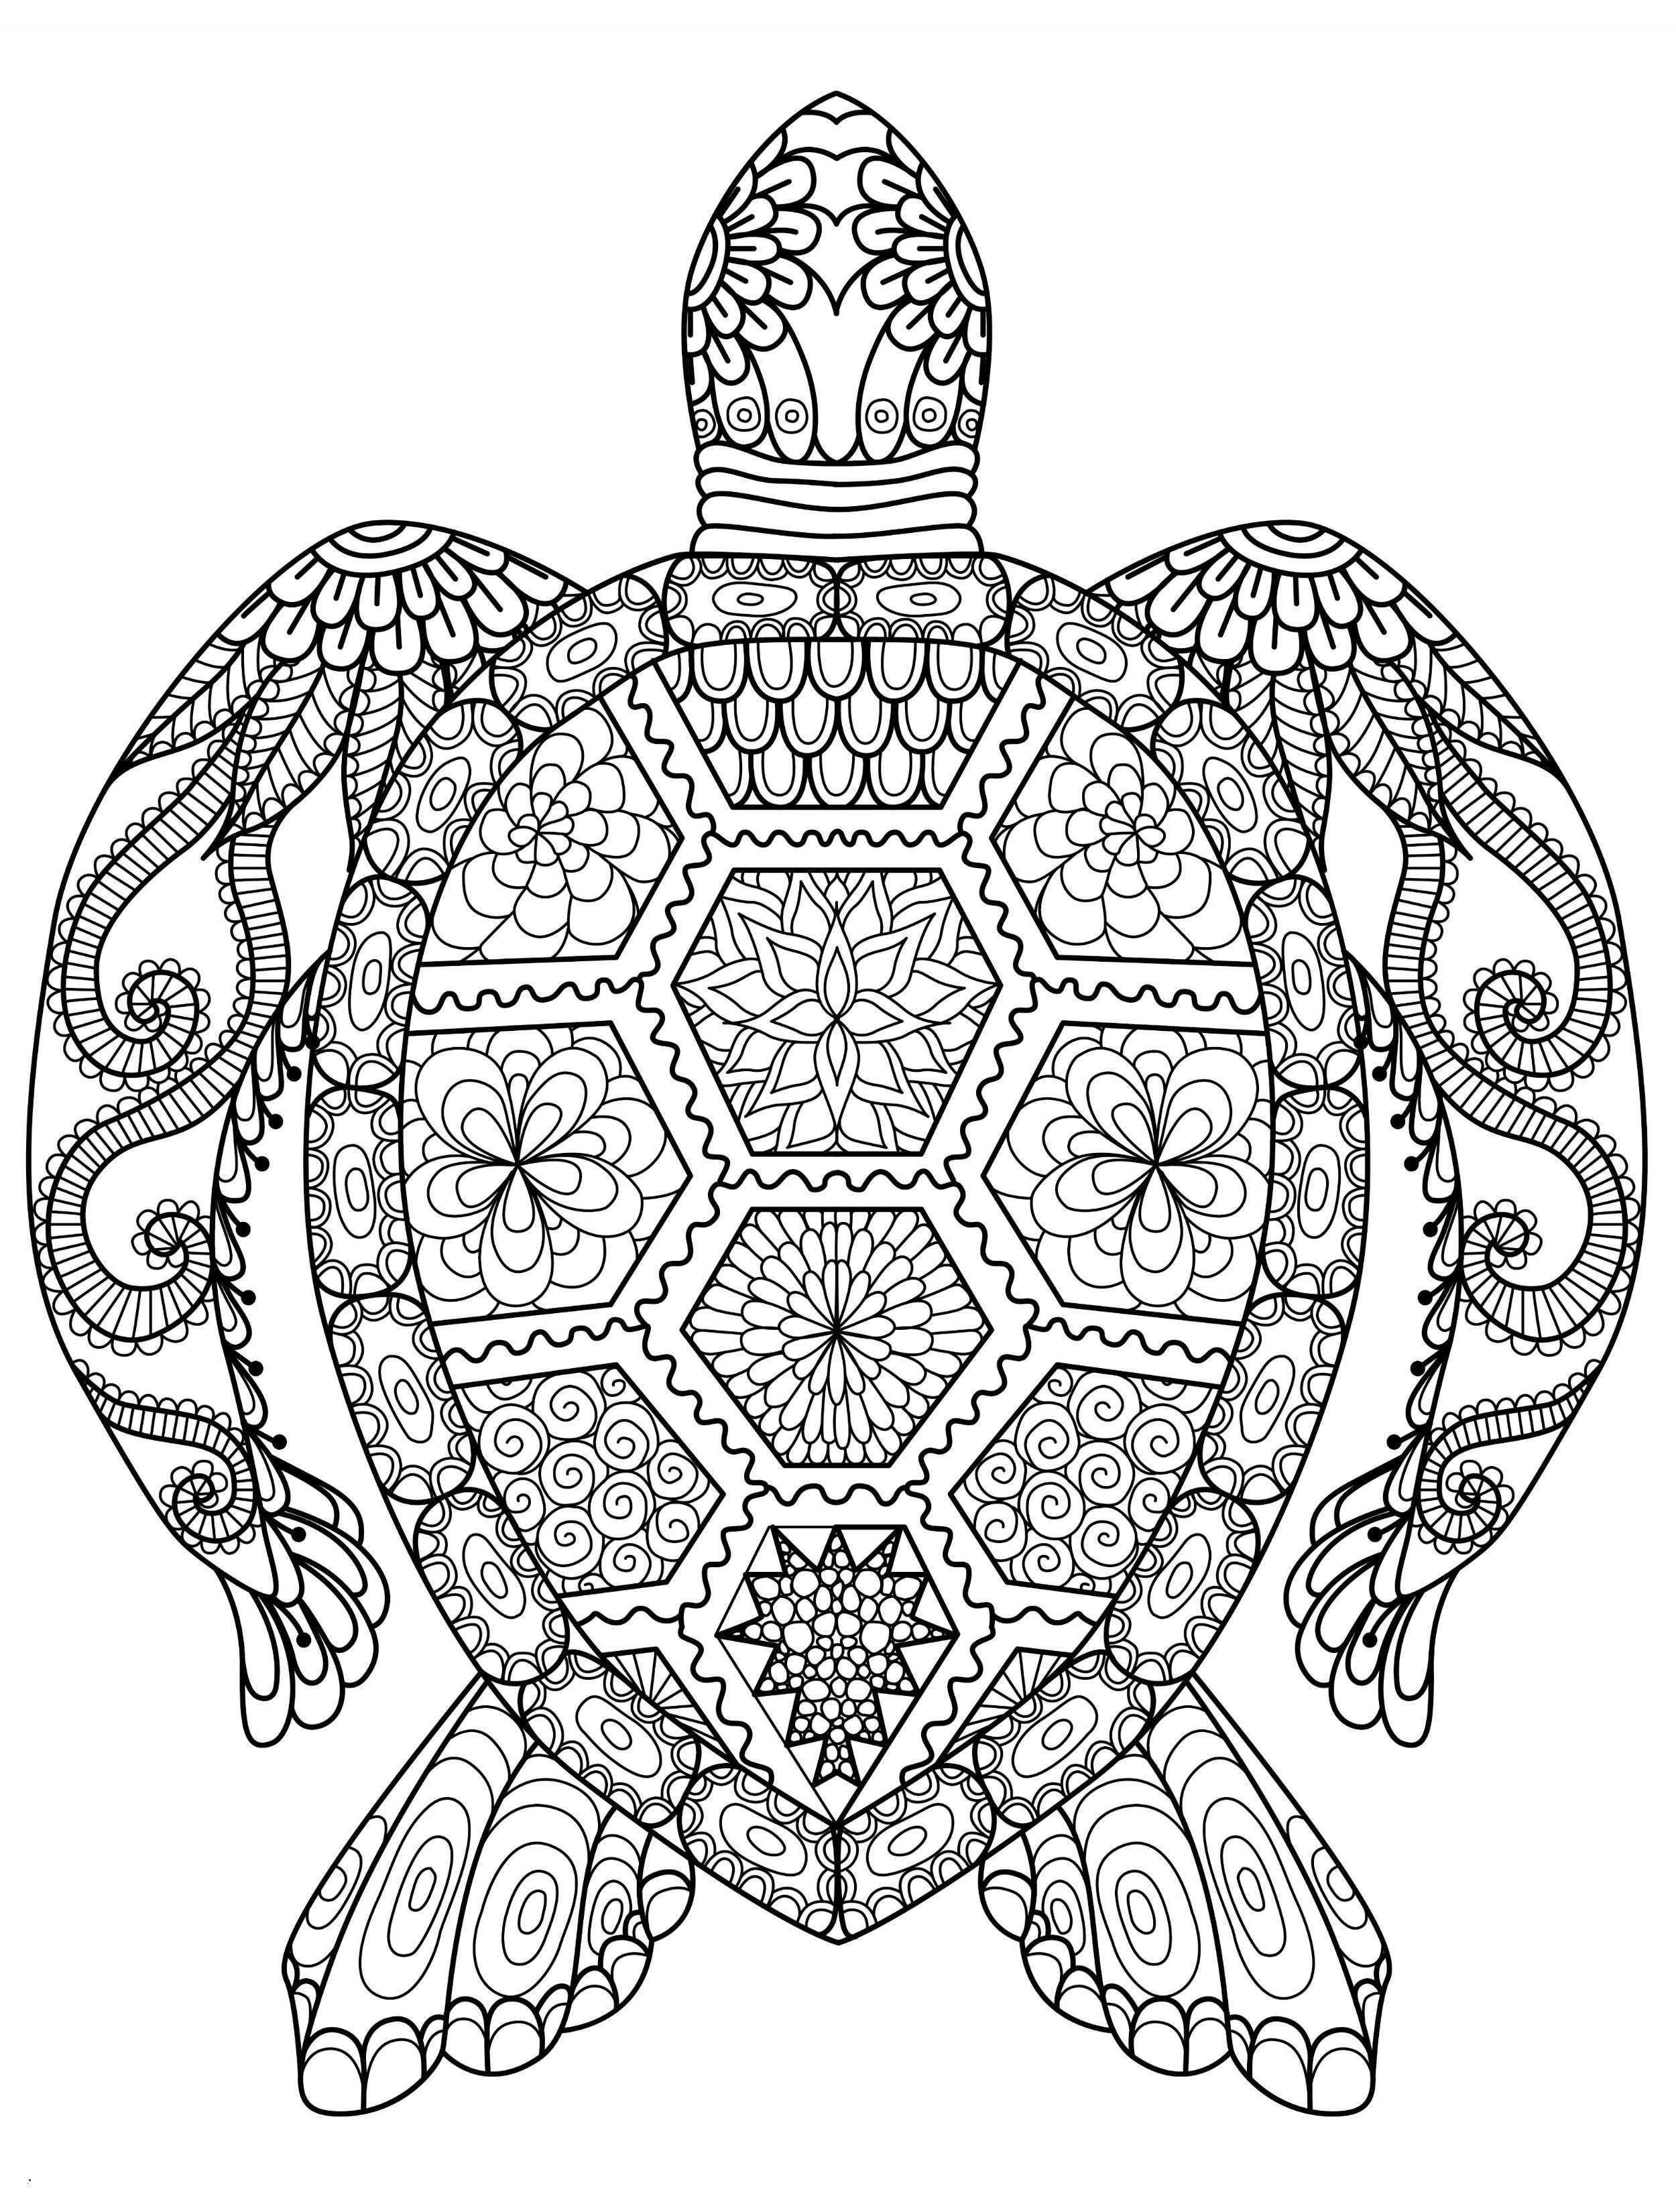 Einzigartig Ausmalbilder Tiere Mit Muster Ausmalbilder Mandala Tiere Ausmalbilder Tiere